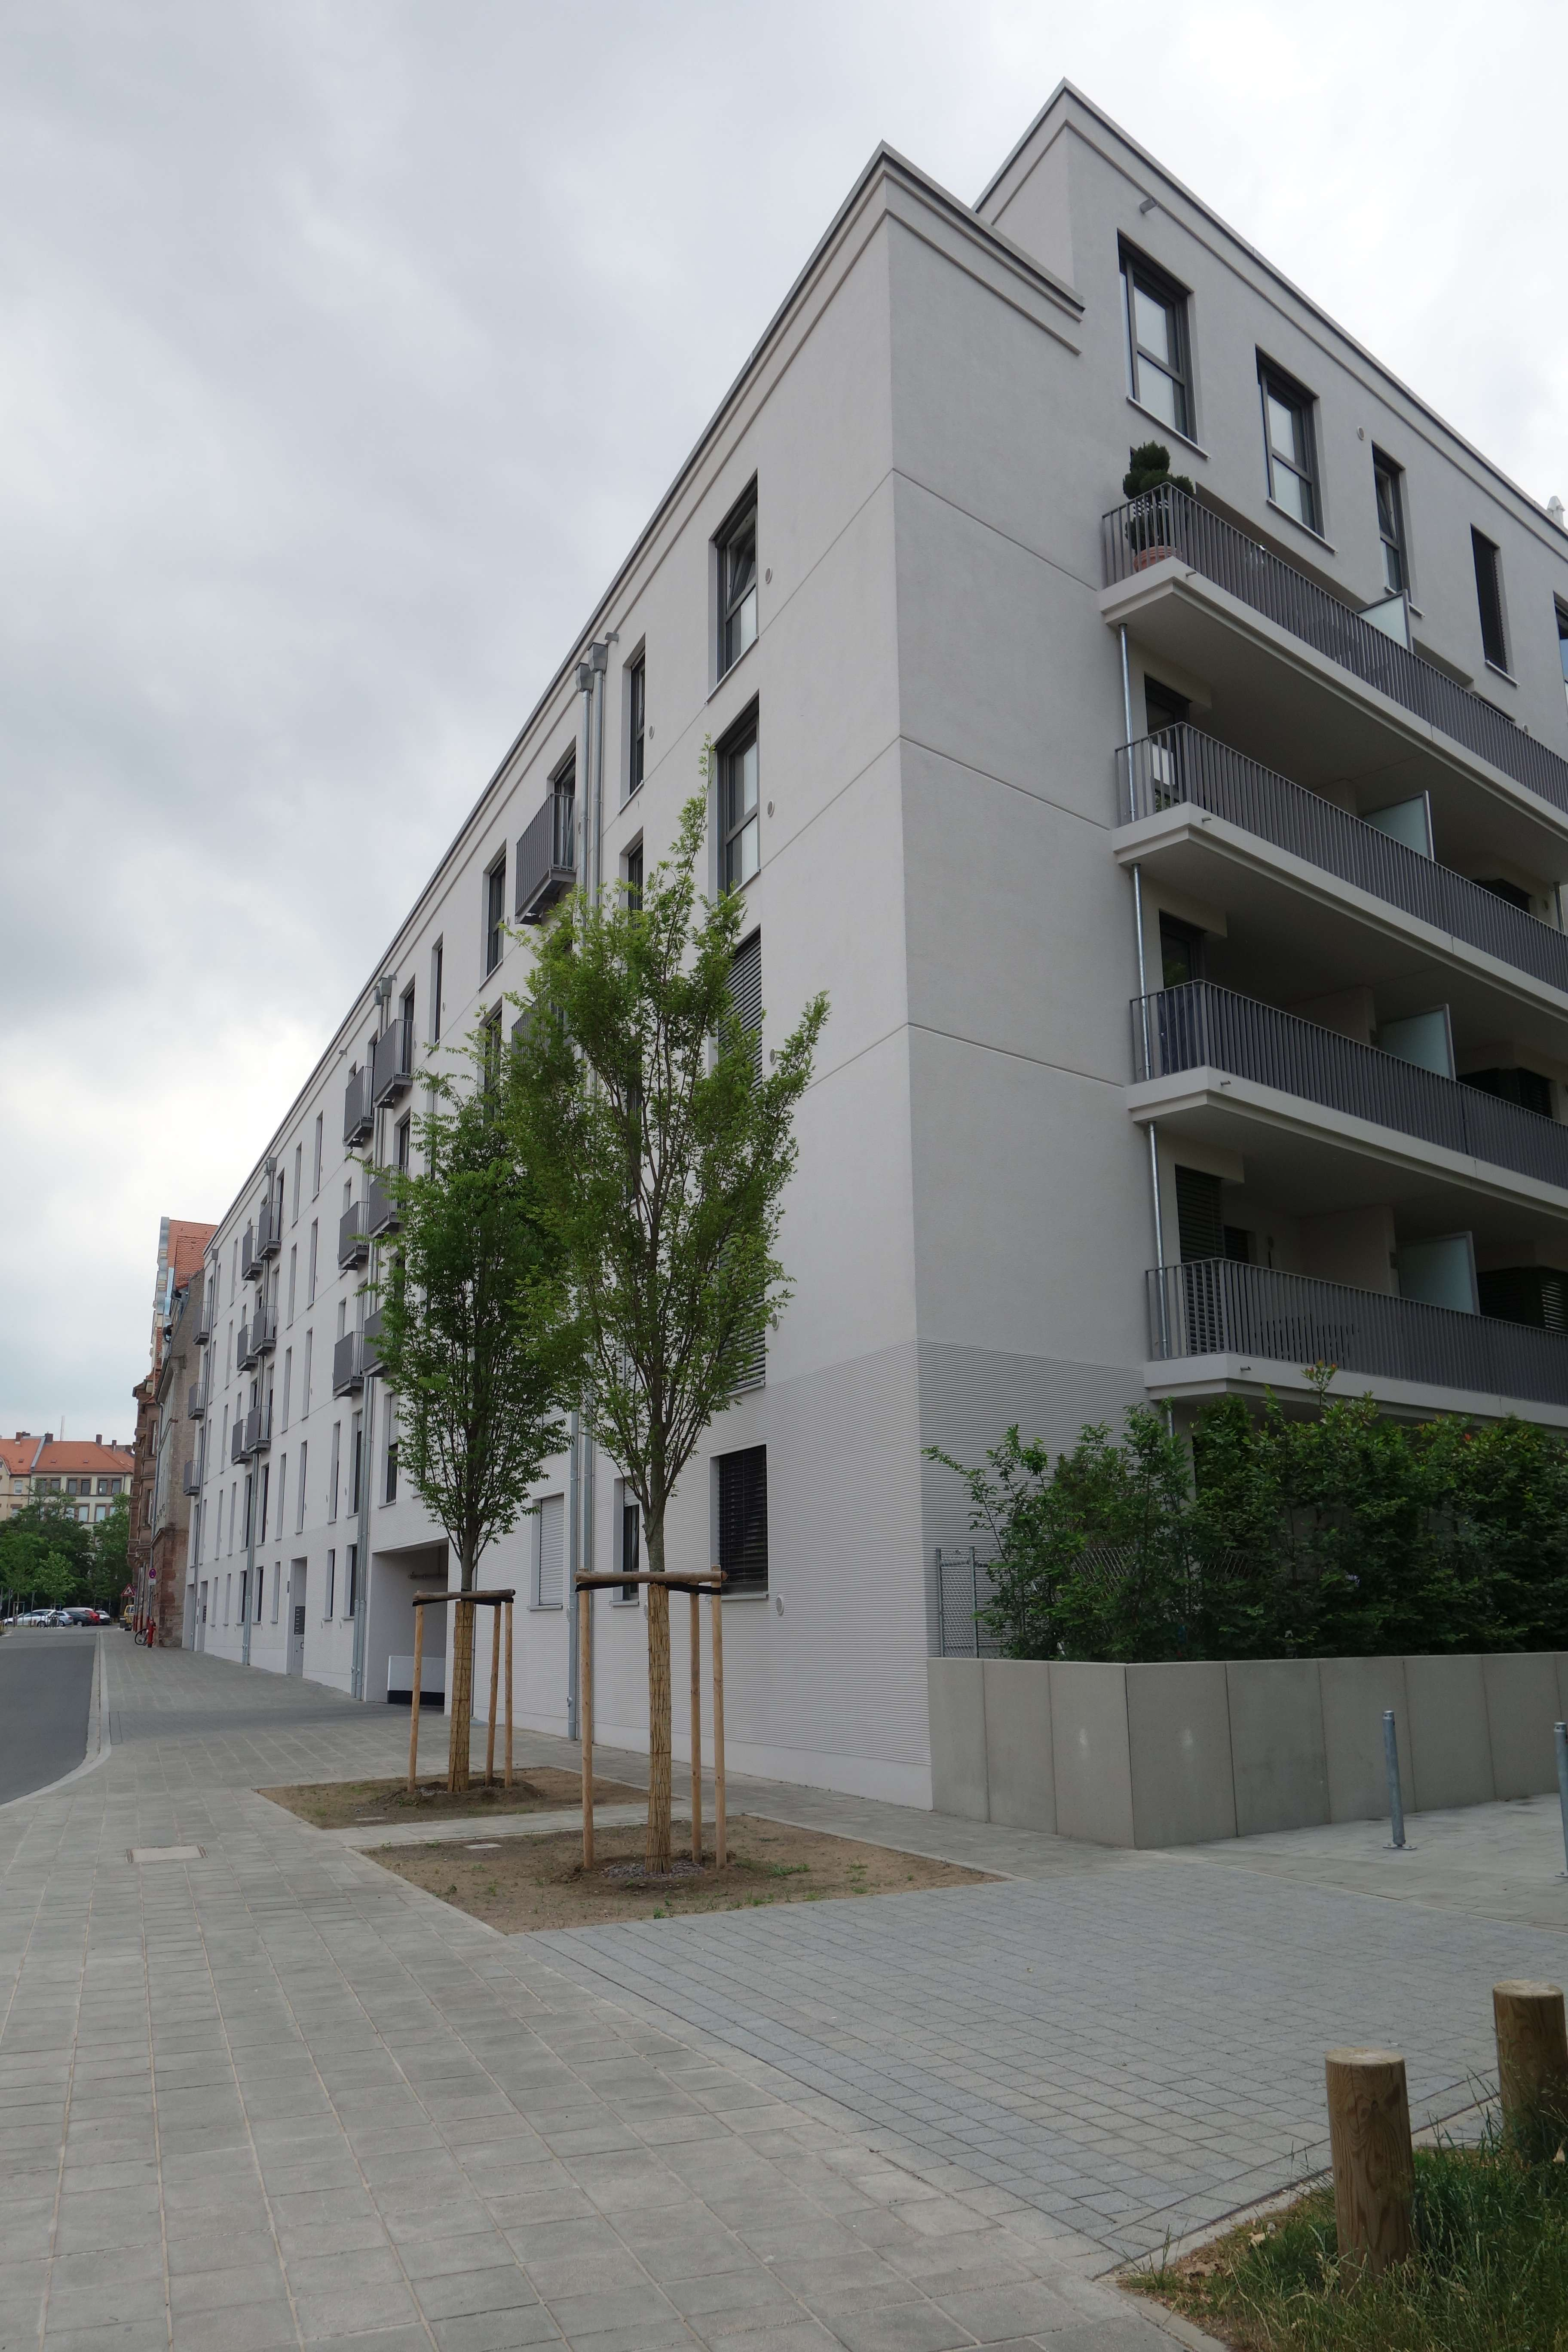 Schöne 3-Zimmer-Wohnung mit Loggia in Nürnberg - St. Johannis in Bielingplatz (Nürnberg)